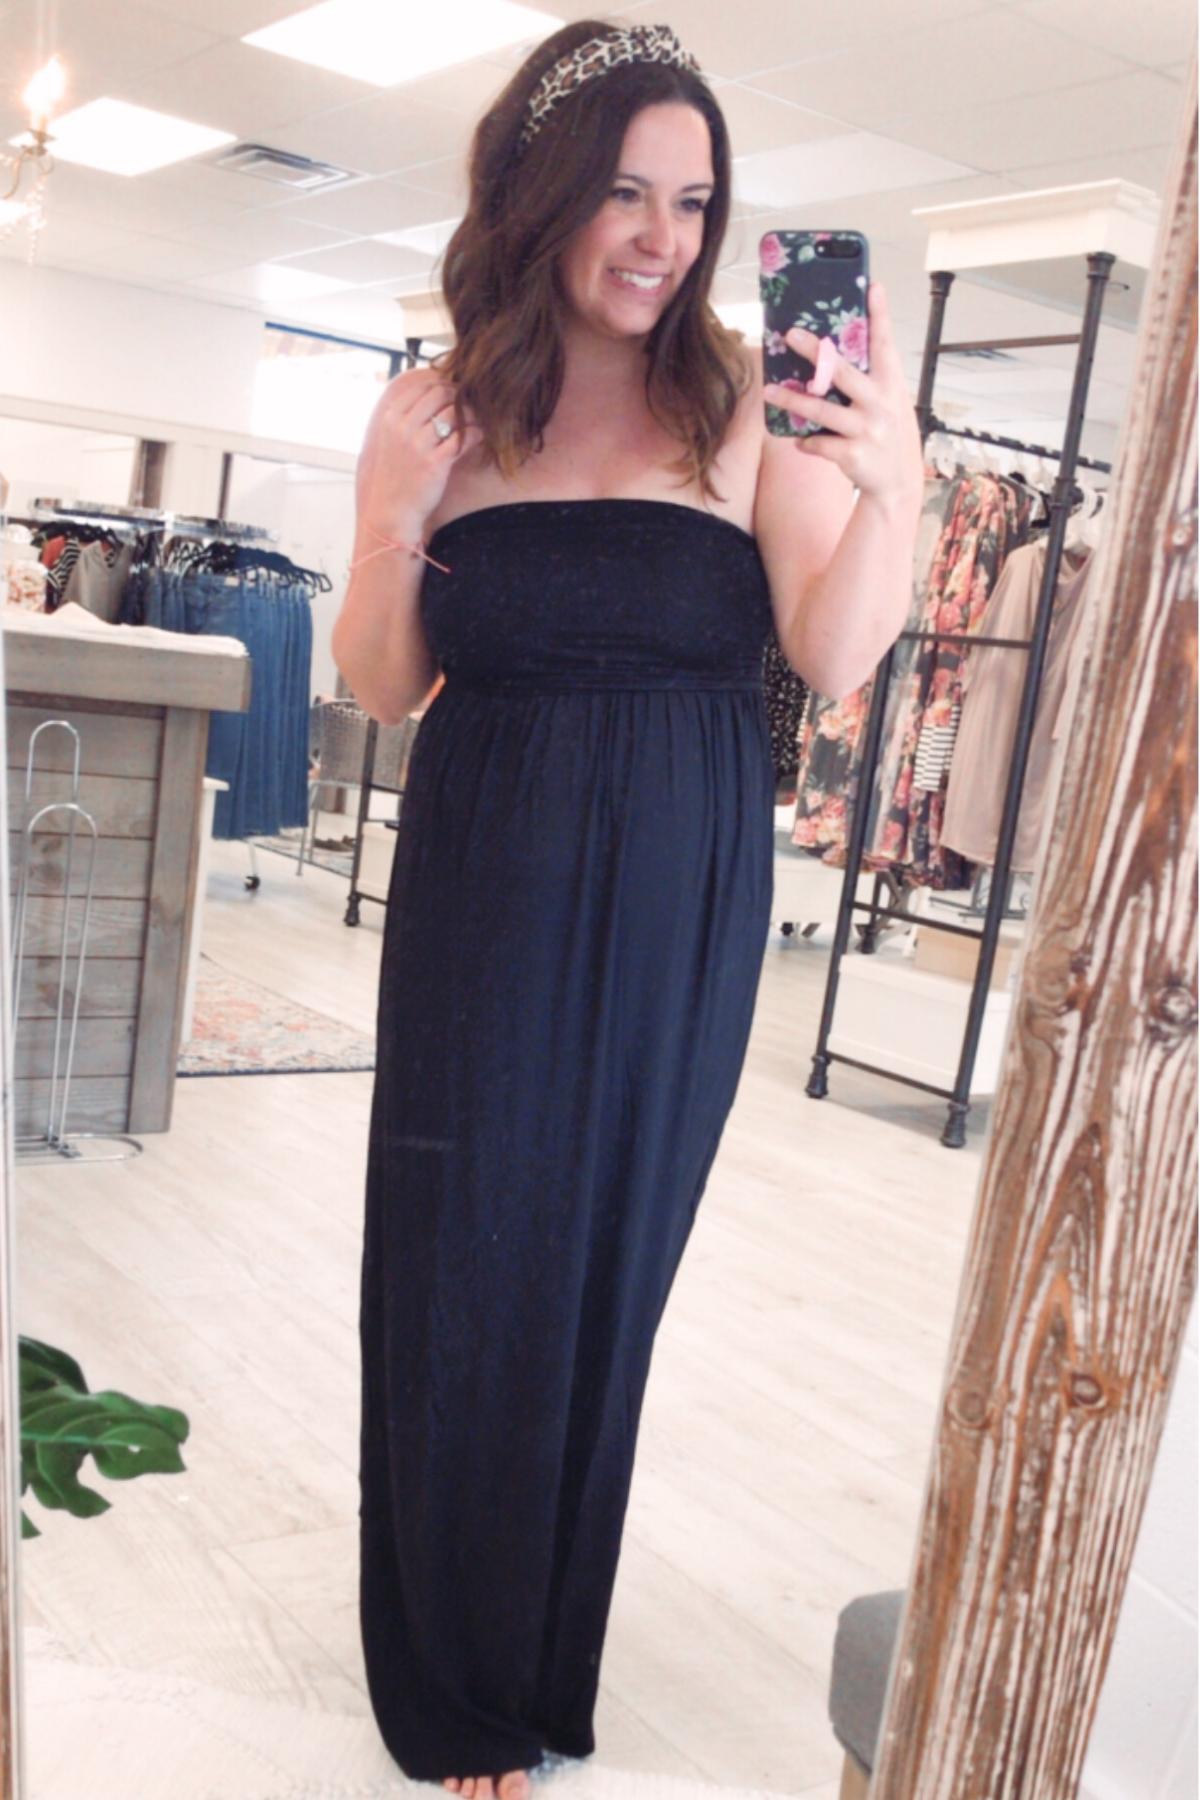 Black Maxi Dress Strapless Dress Formal Dresses Black Maxi Dress [ 1800 x 1200 Pixel ]